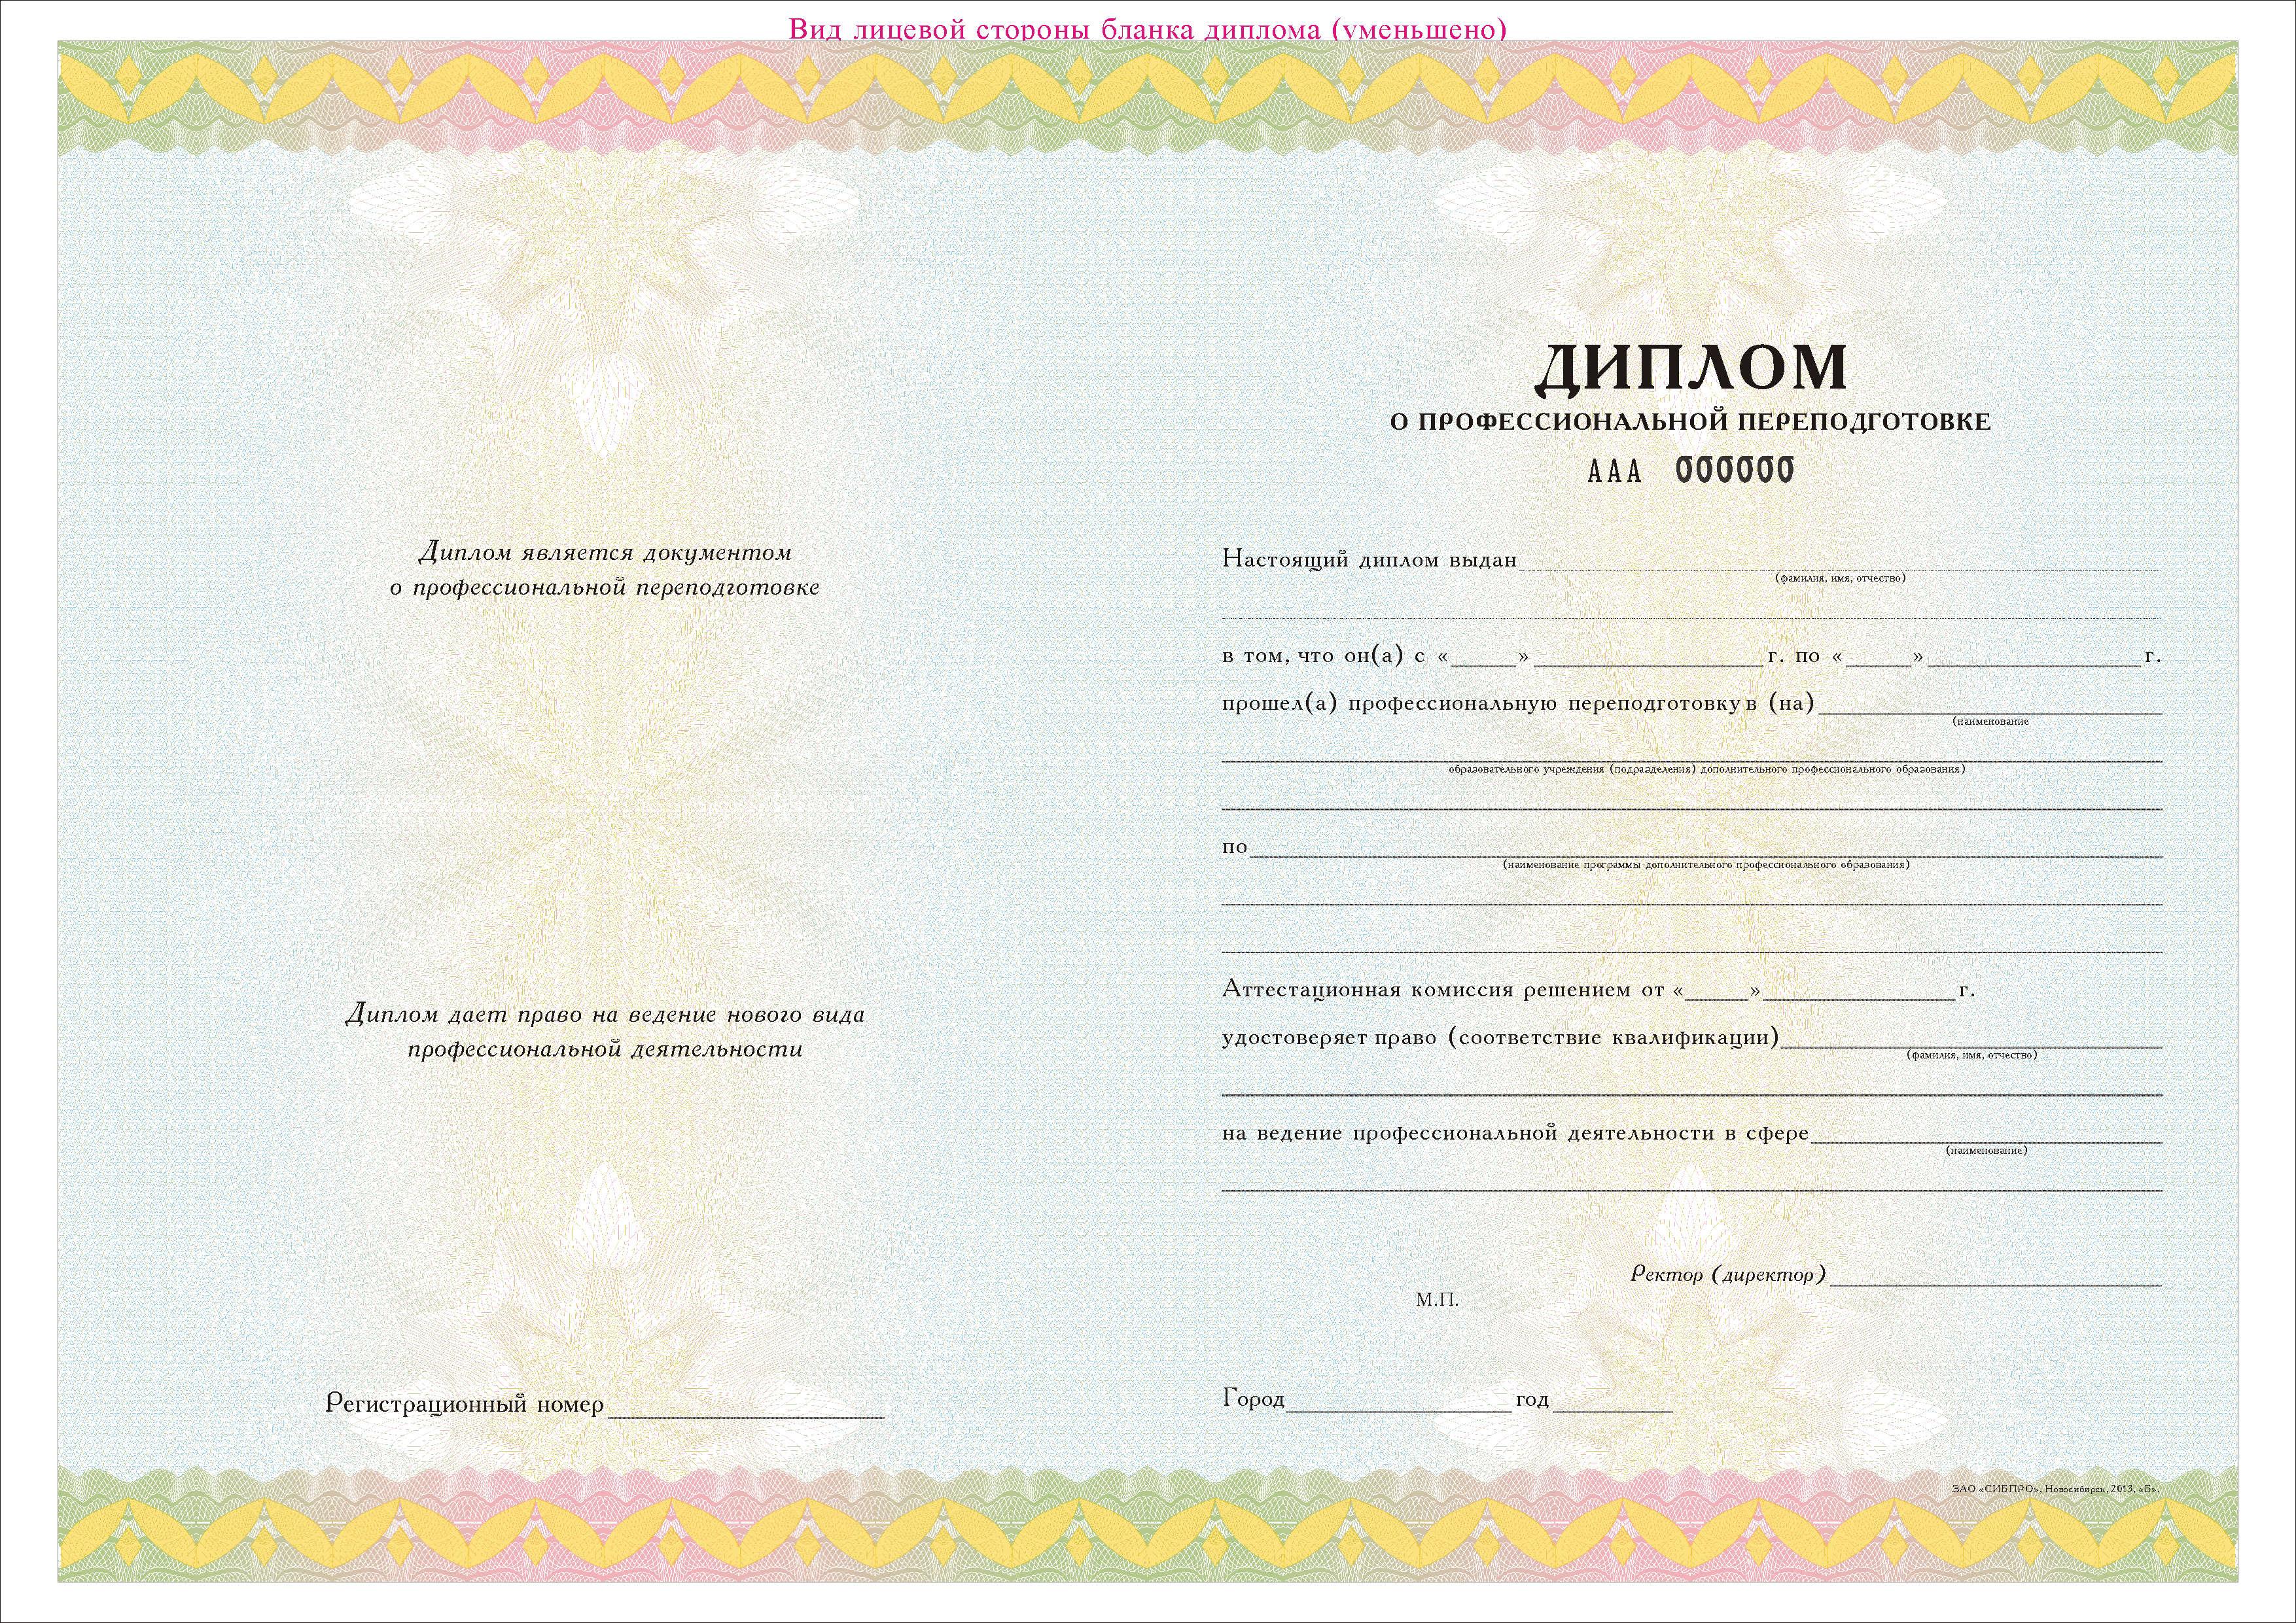 ОмГТУ Институт безопасности жизнедеятельности Омский  Образец диплома